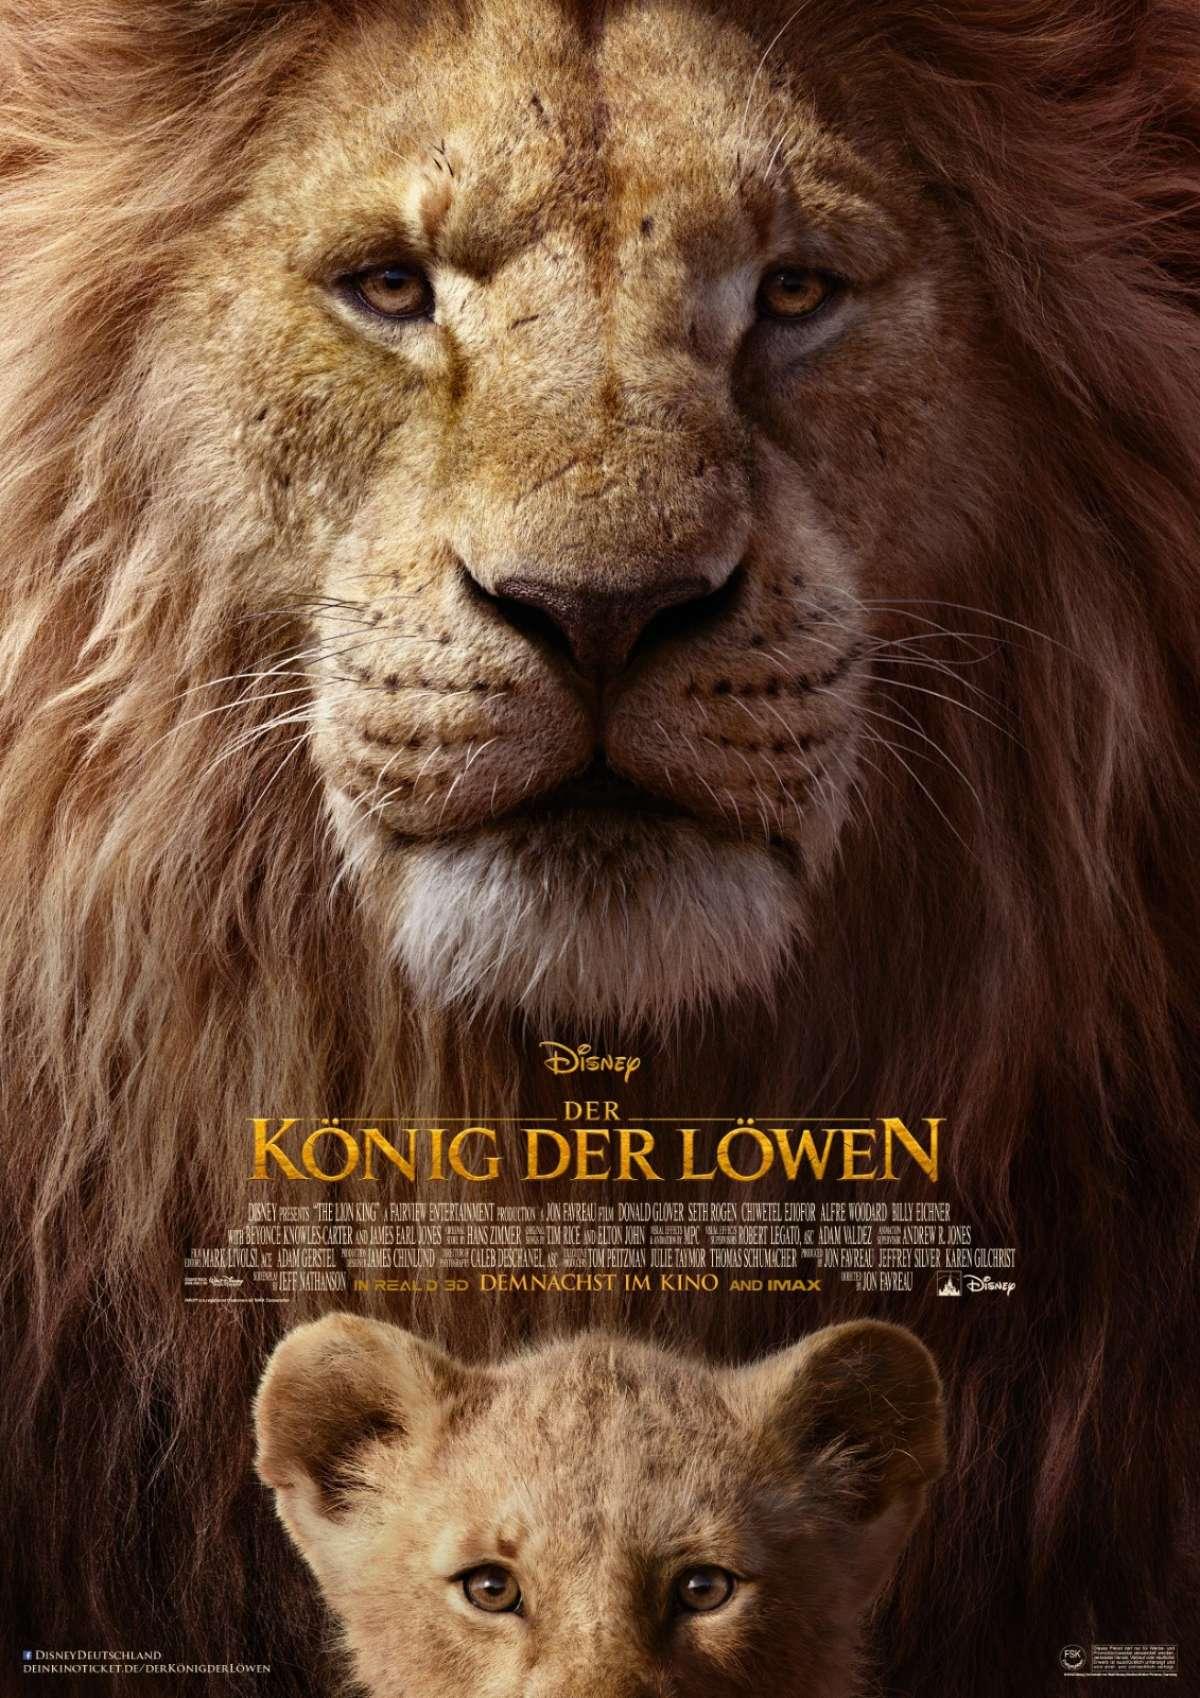 König der Löwen  - Autokino  Messeplatz - Marburg